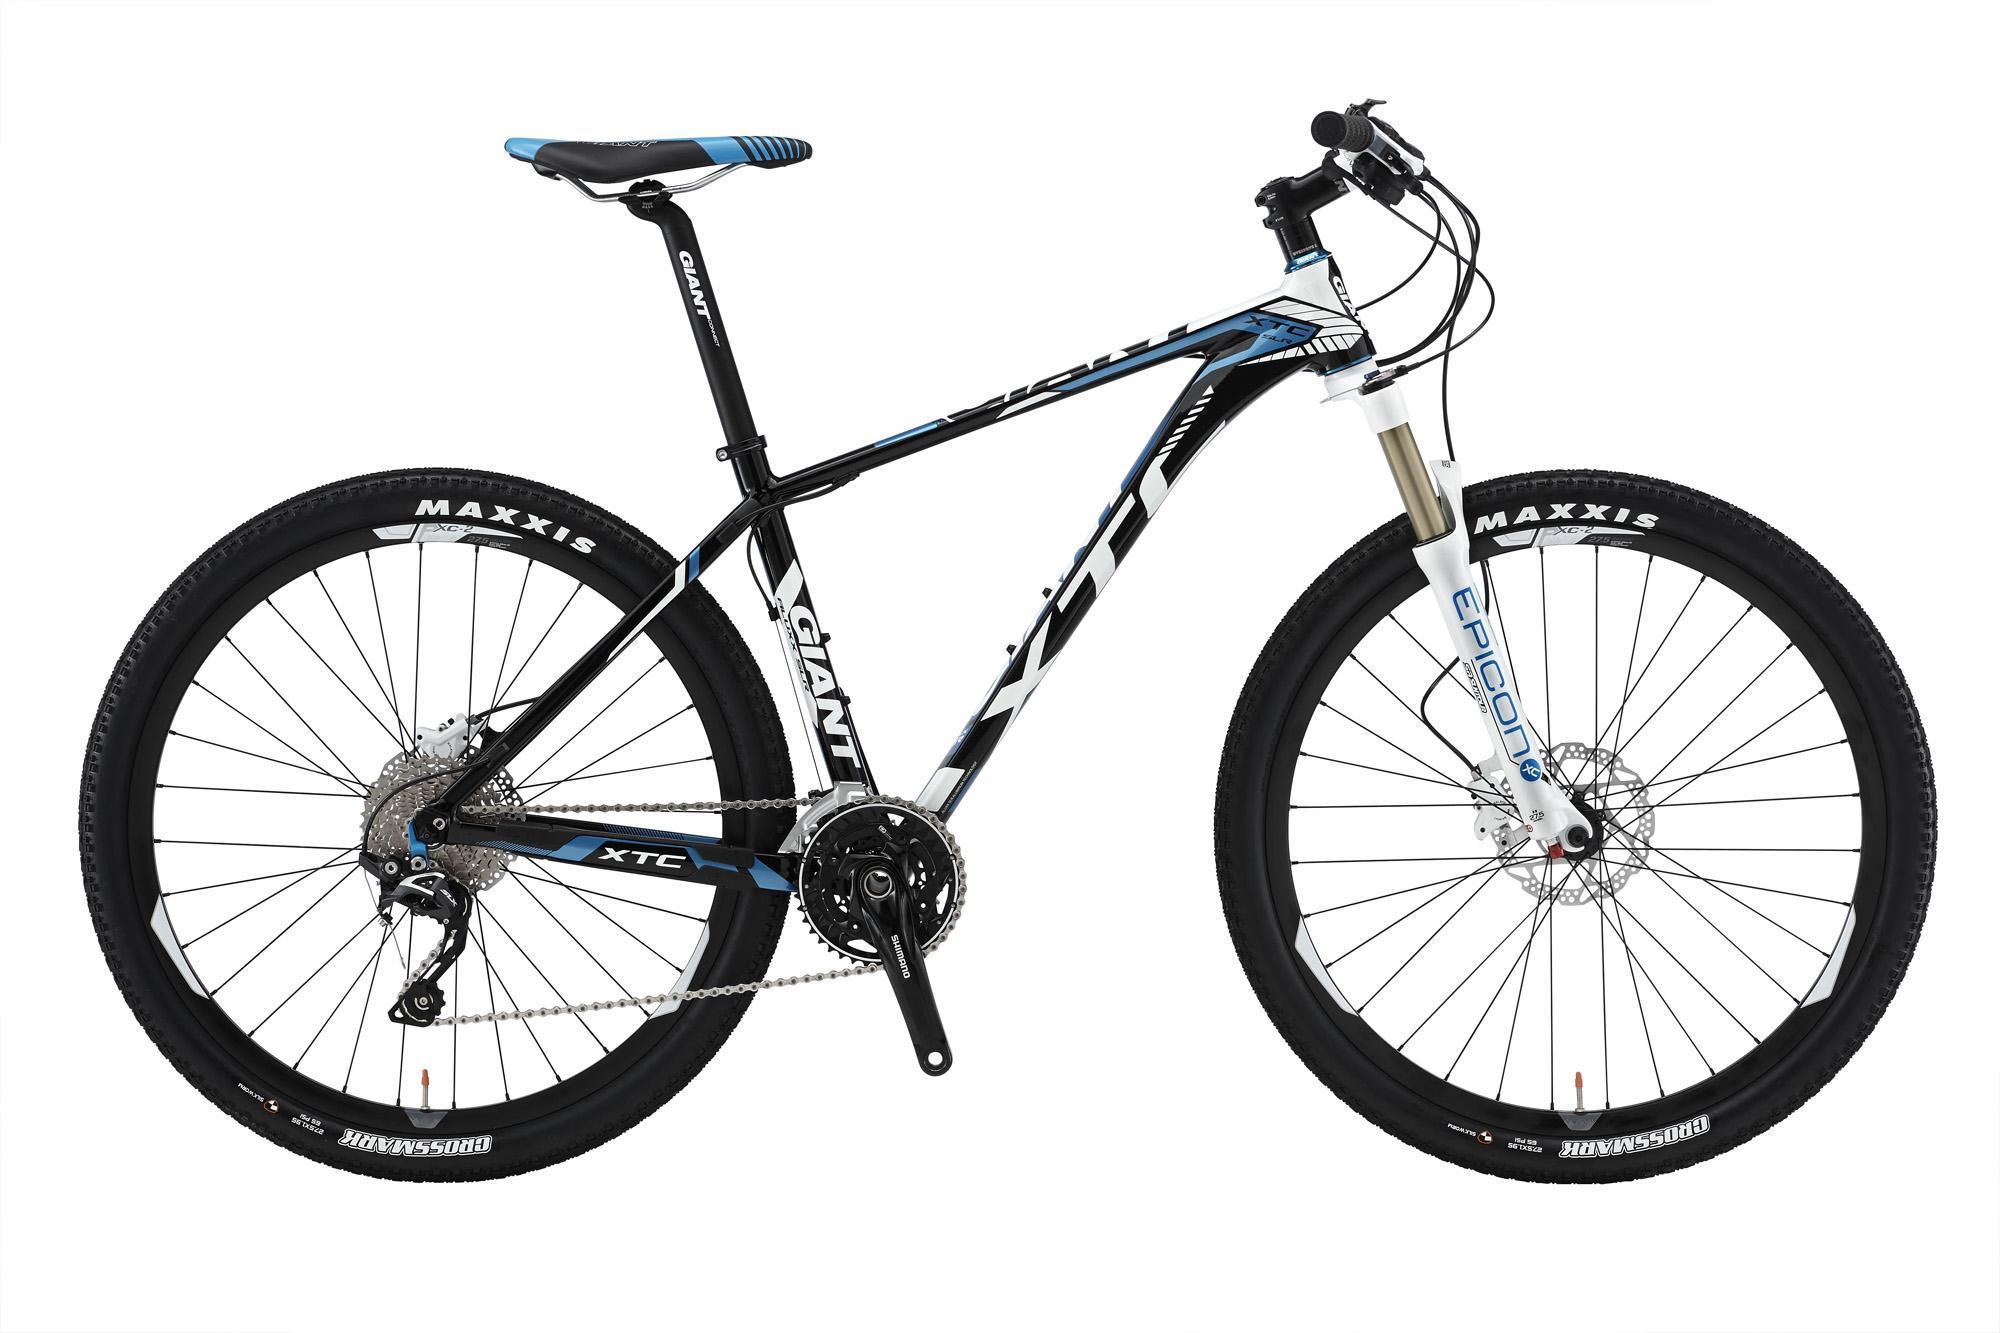 CHUYÊN bán các loại xe đạp thể thao cao cấp. Hàng thùng, nhập khẩu nguyên chiếc - NEW - 26